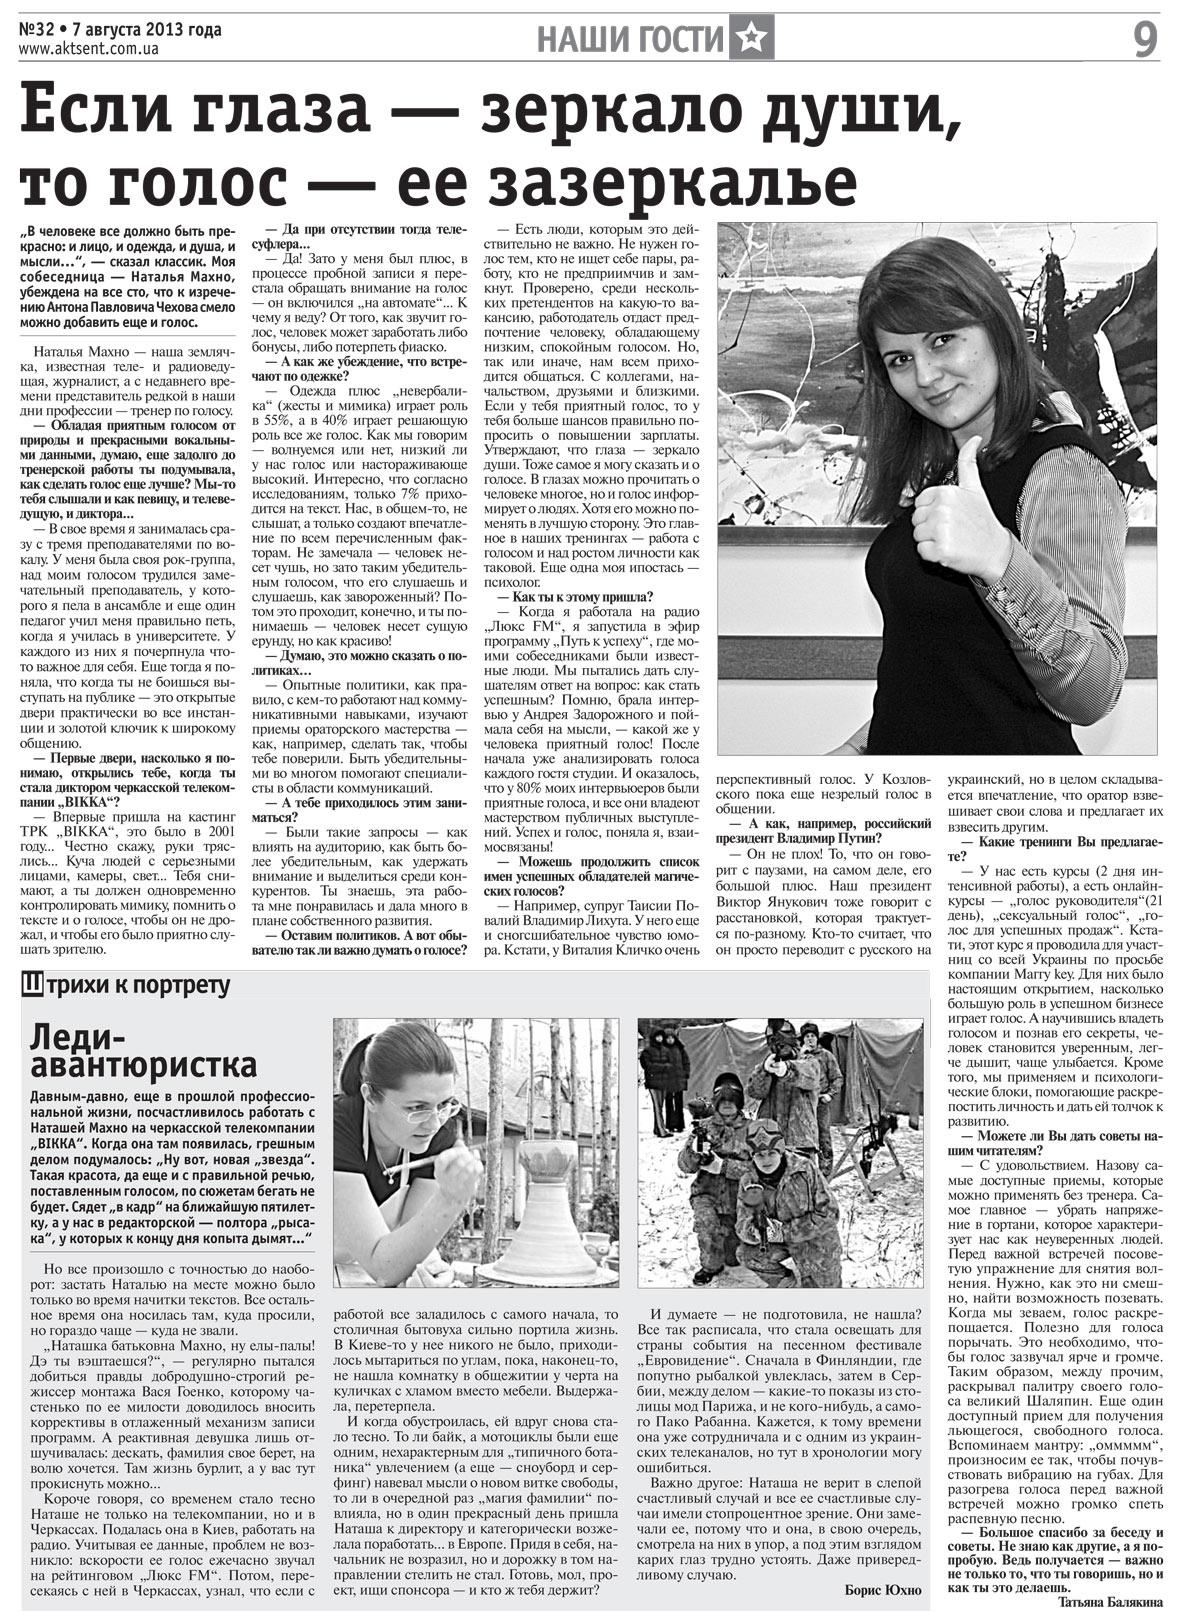 интервью с тренером Наталией Махно